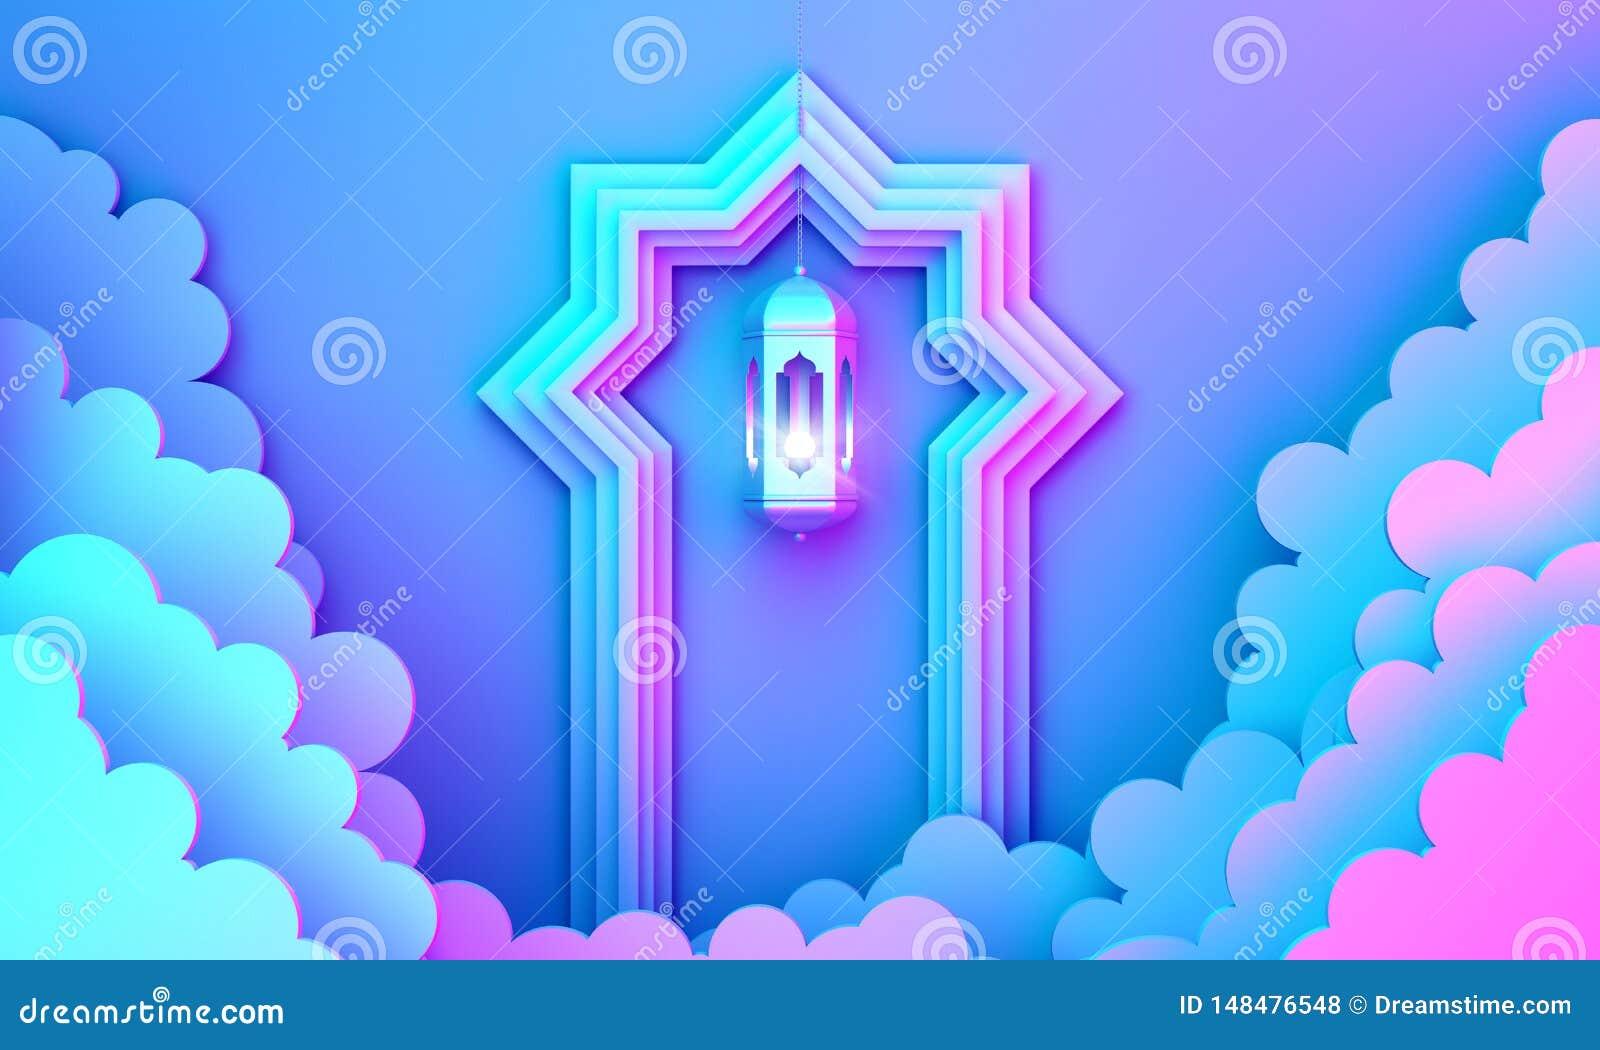 Arabski lampion, chmura, drzwi na błękit menchii tła kopii przestrzeni fiołkowym gradientowym tekscie